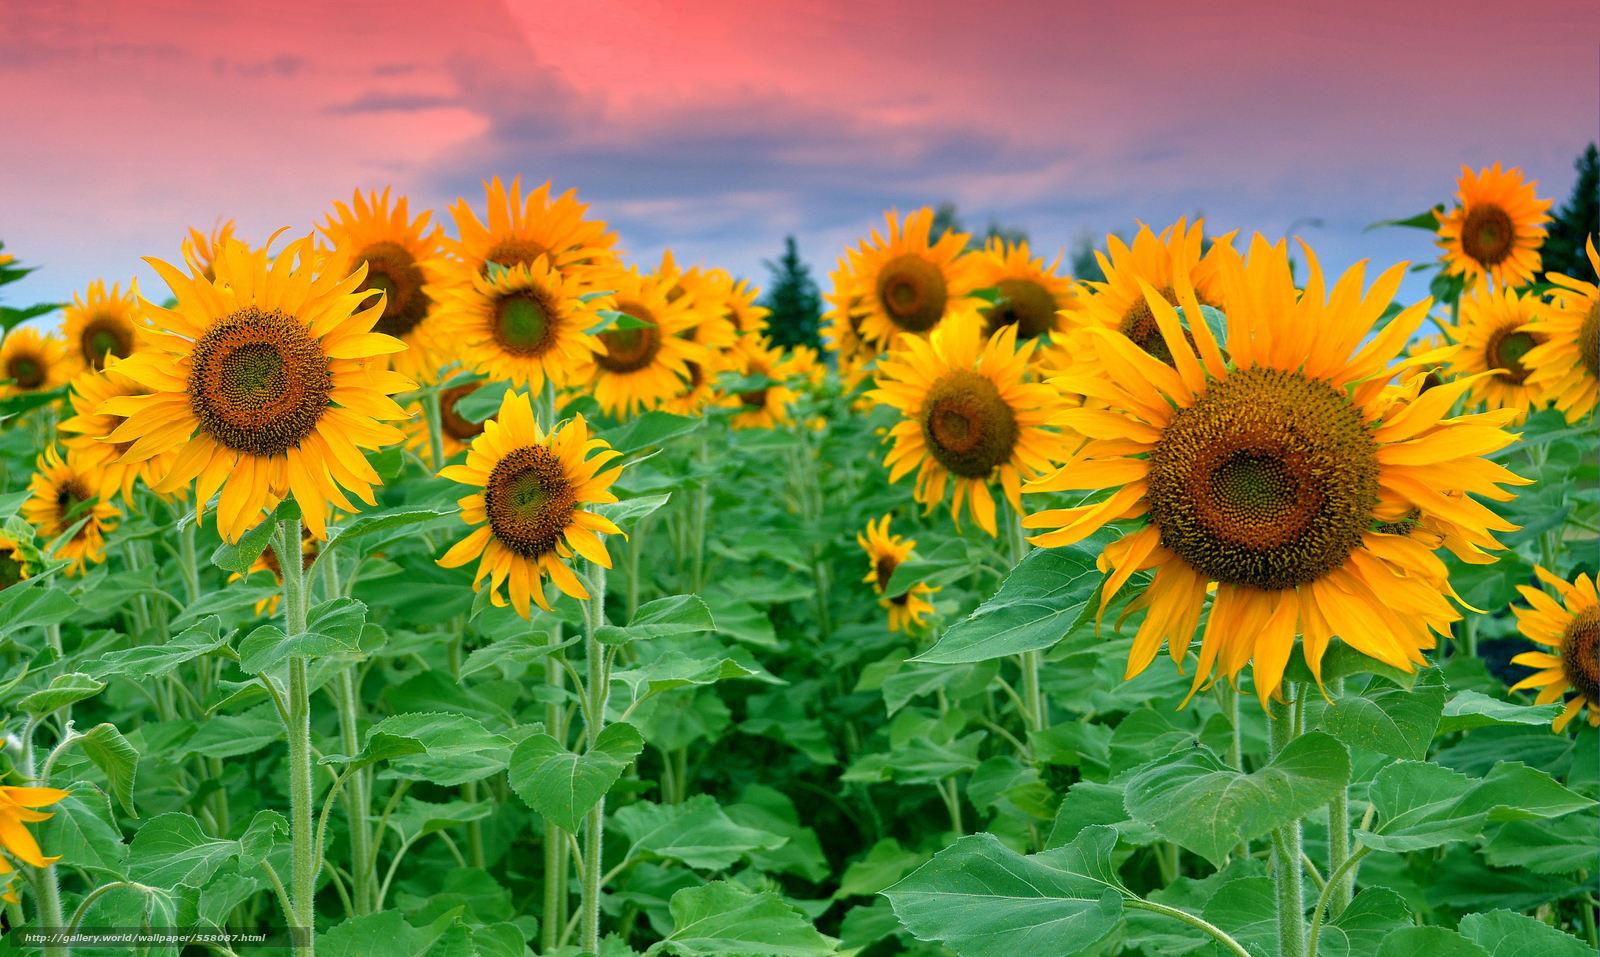 Scaricare gli sfondi campo girasoli fiori sfondi gratis for Immagini per desktop fiori